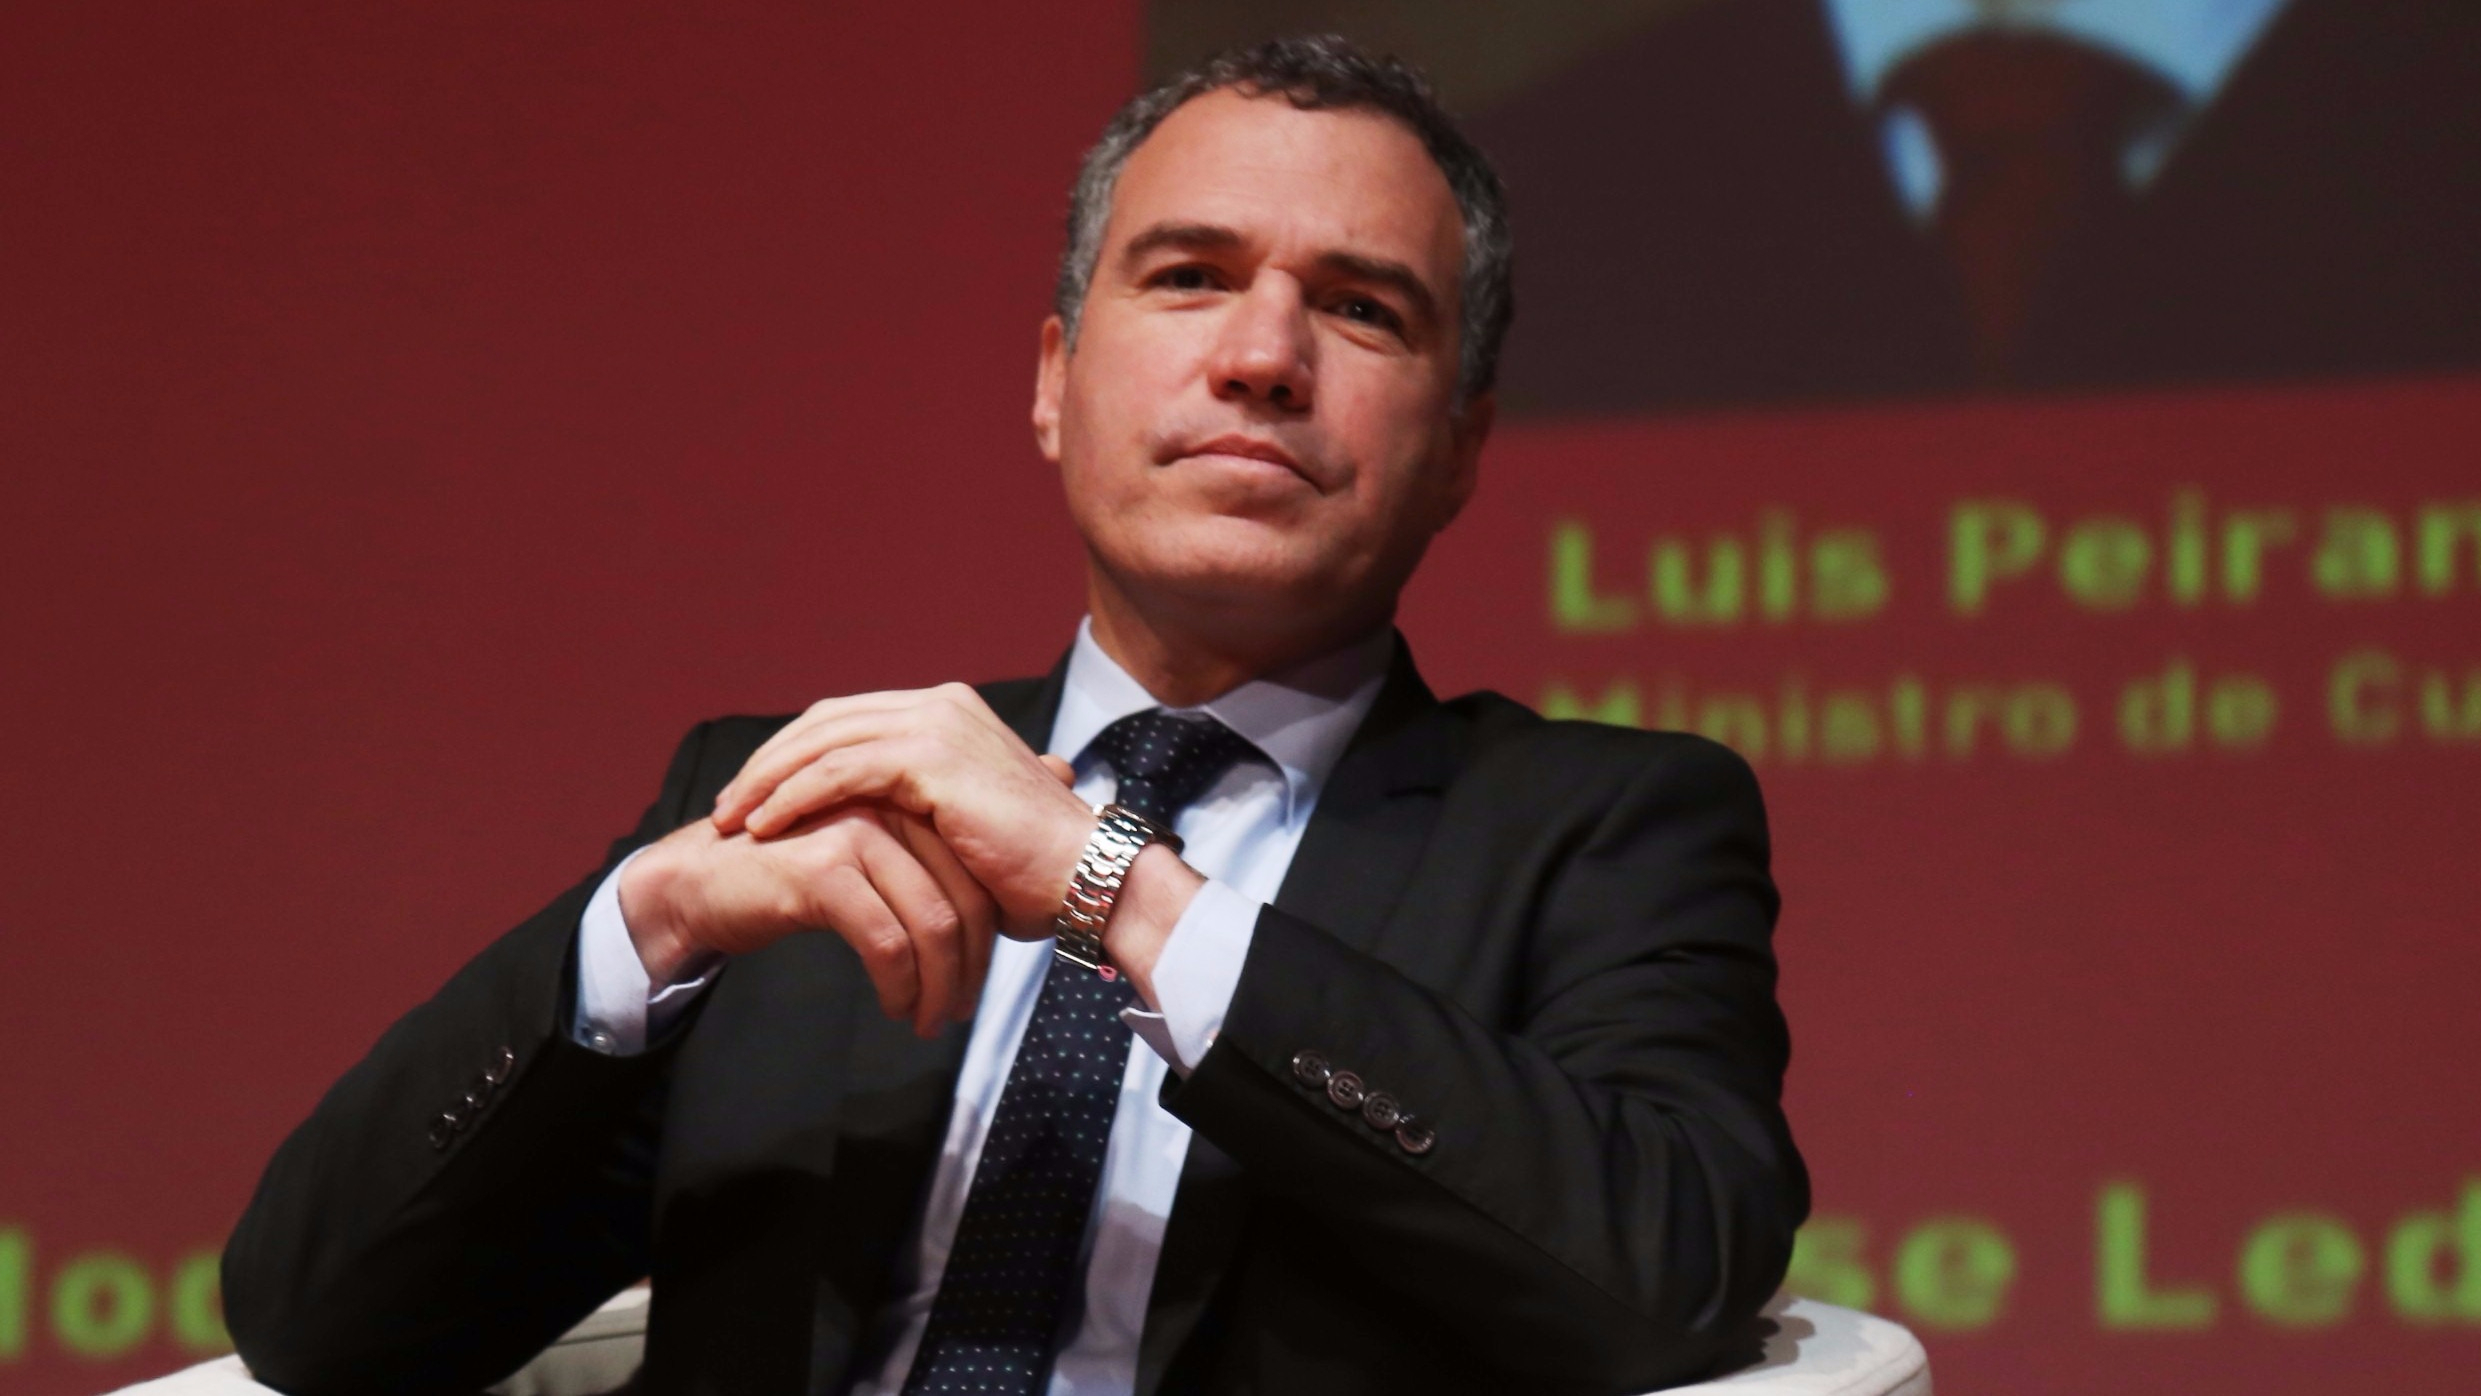 El ministro Salvador de Solar comentó sobre temas relacionados a su sector y al panorama político.